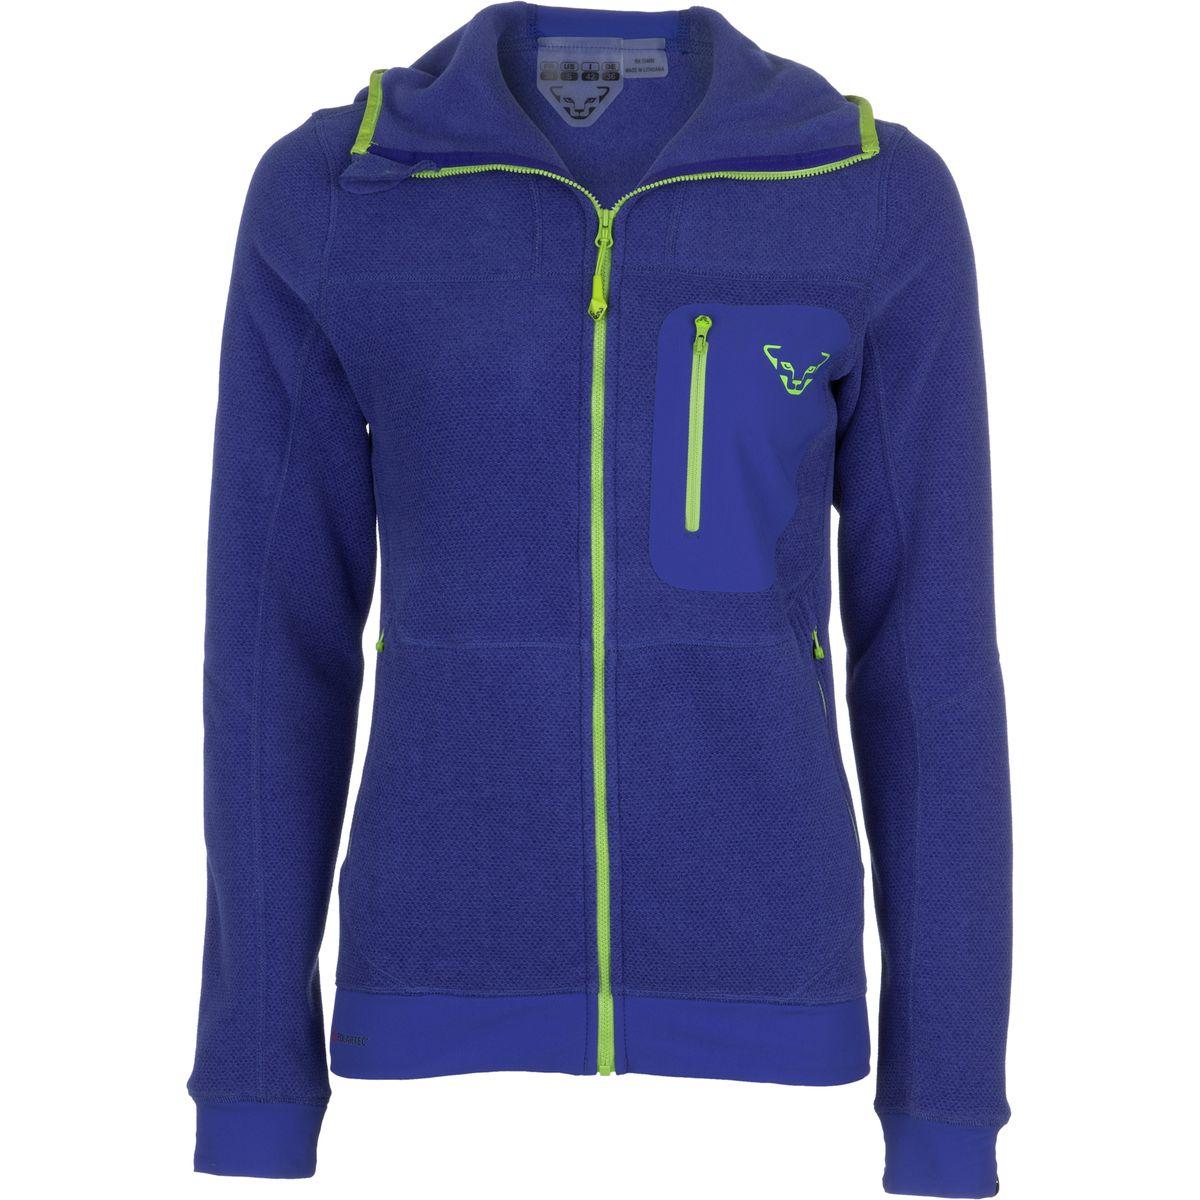 Dynafit Mera PTC Hooded Fleece Jacket - Women